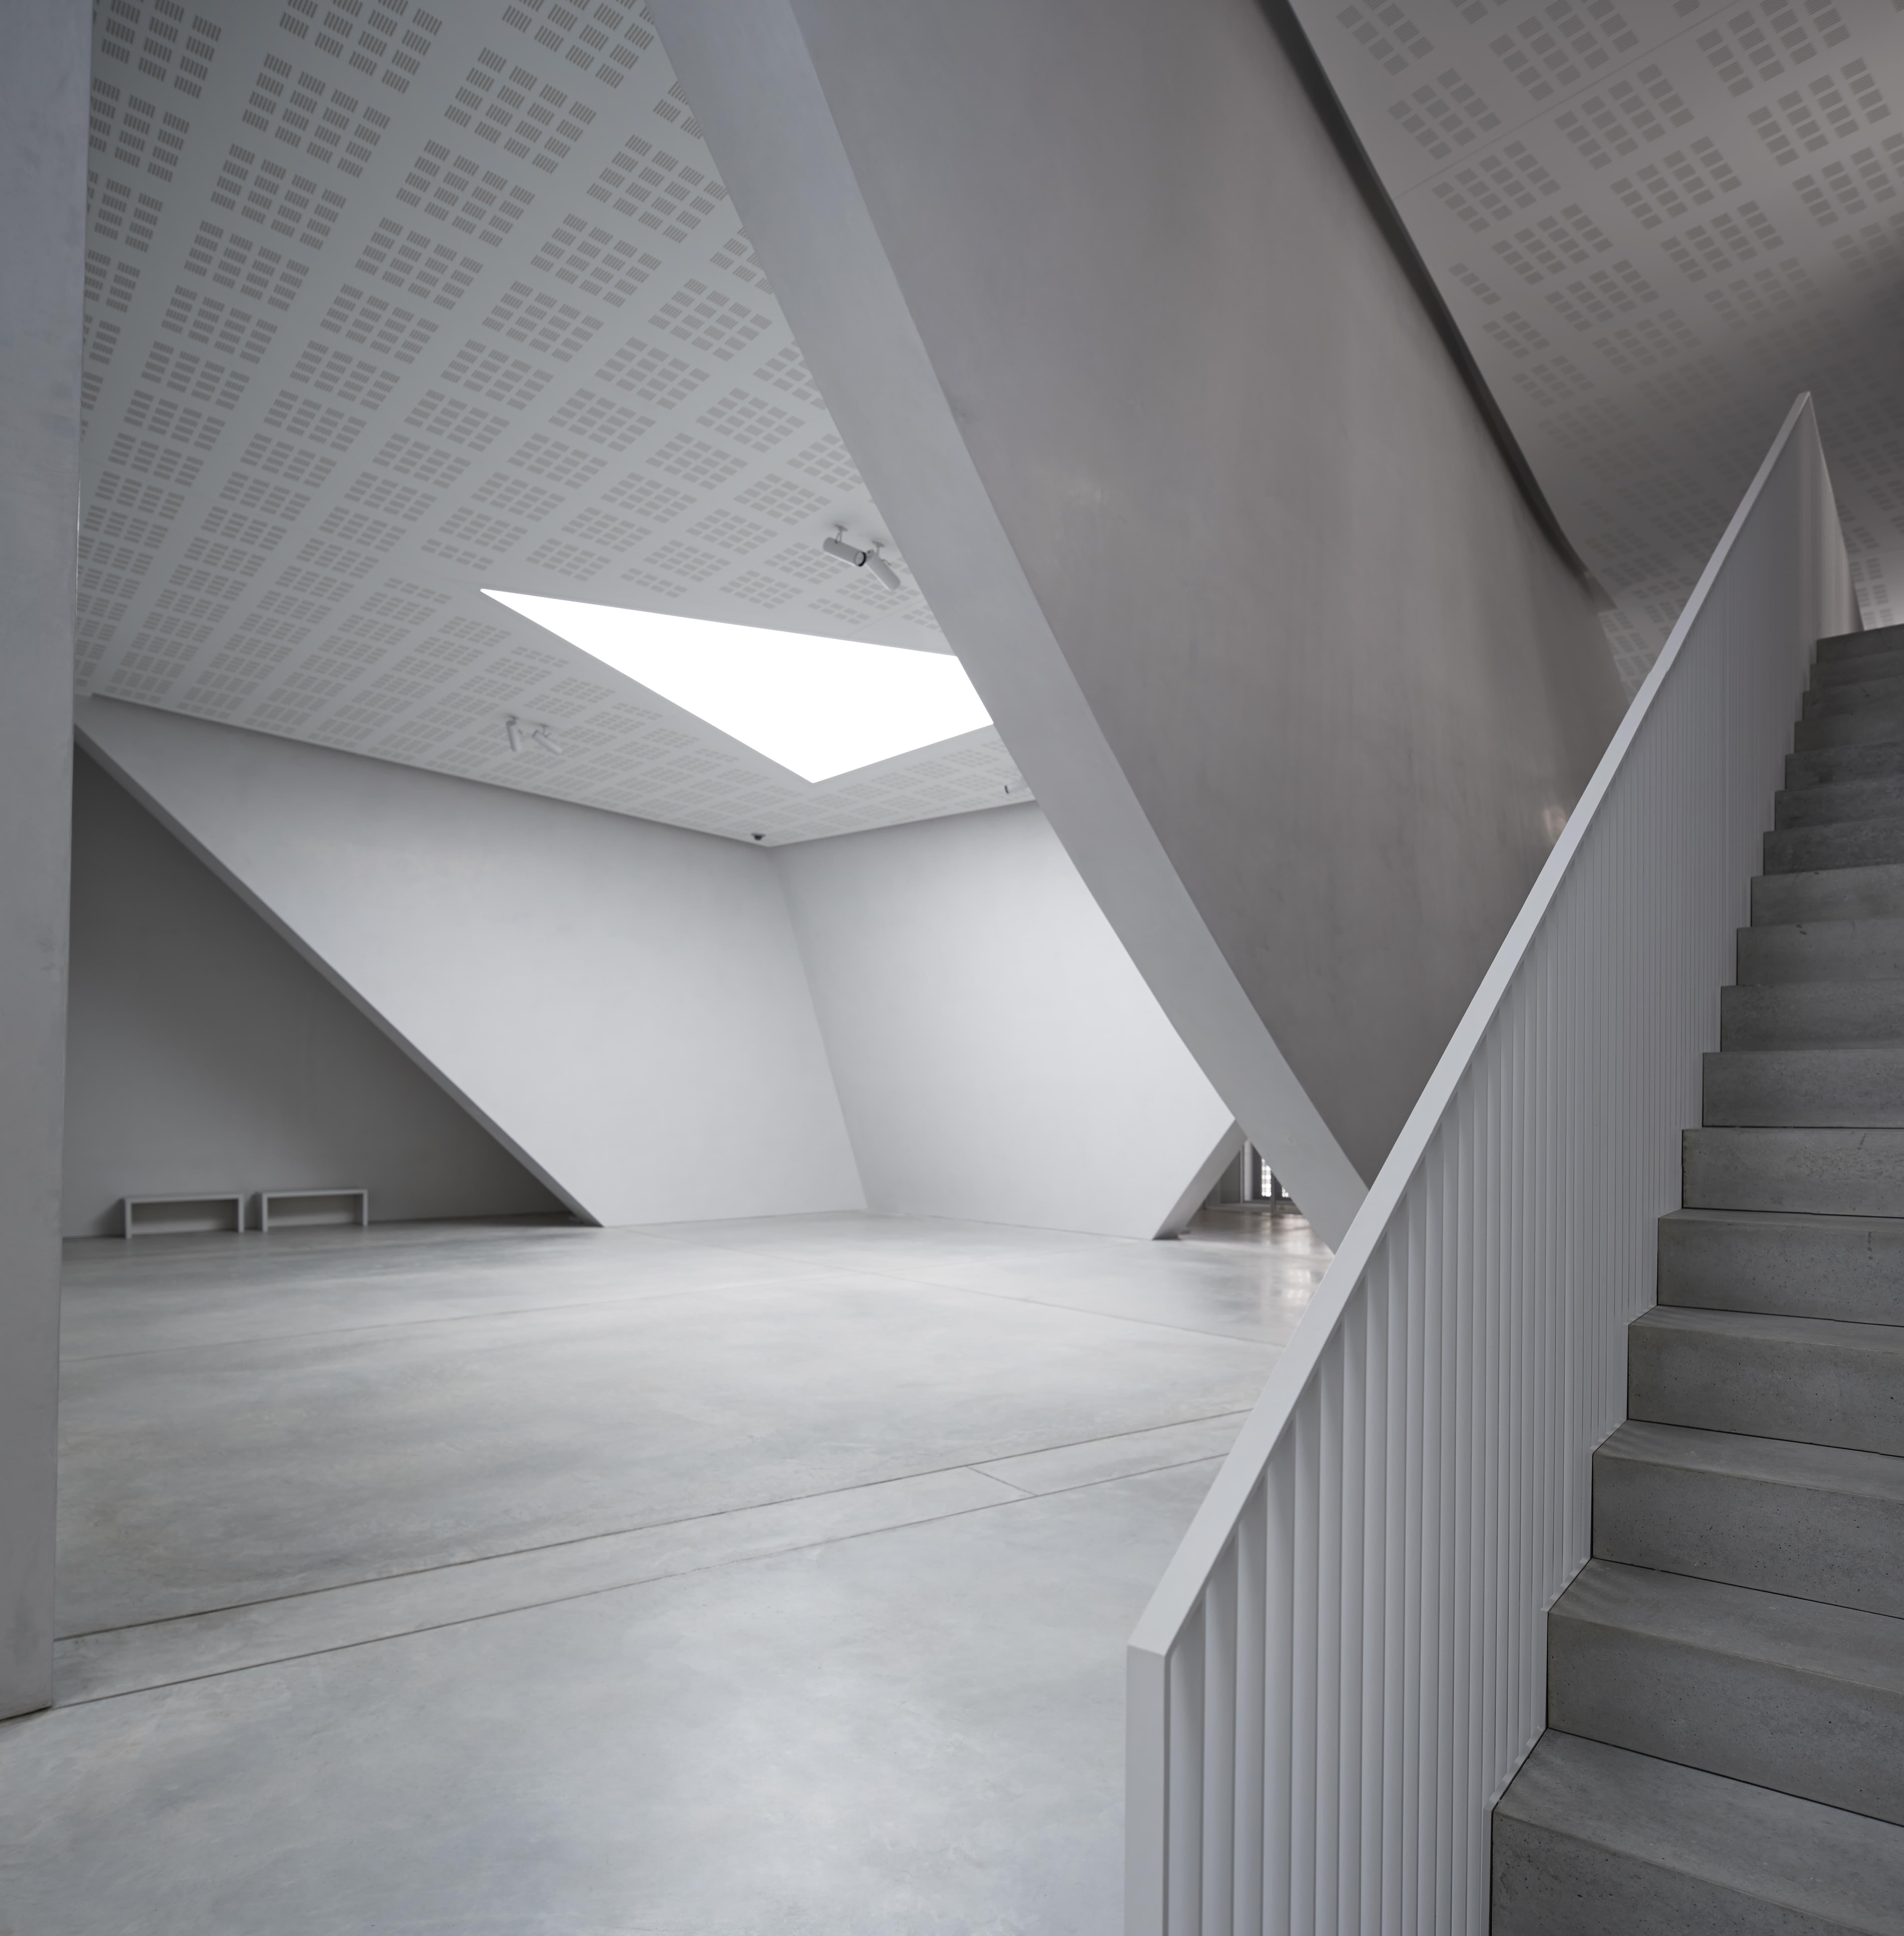 Tadao ando endeavors al tokyo national art center for Tadao ando venezia